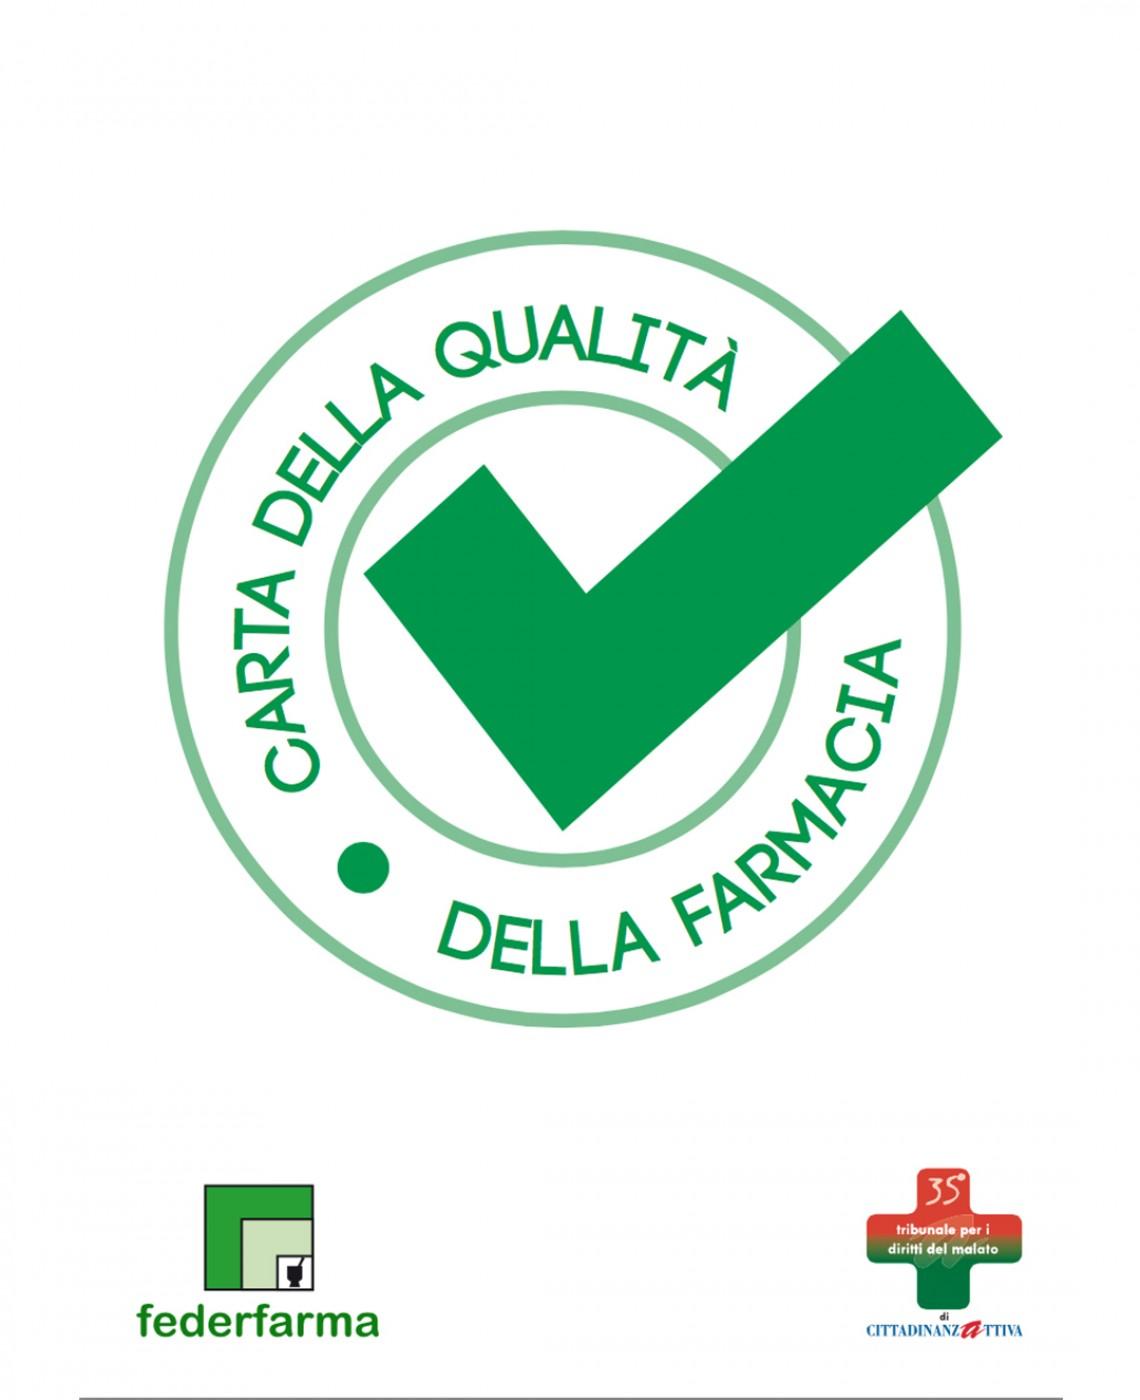 carta della qualità della farmacia